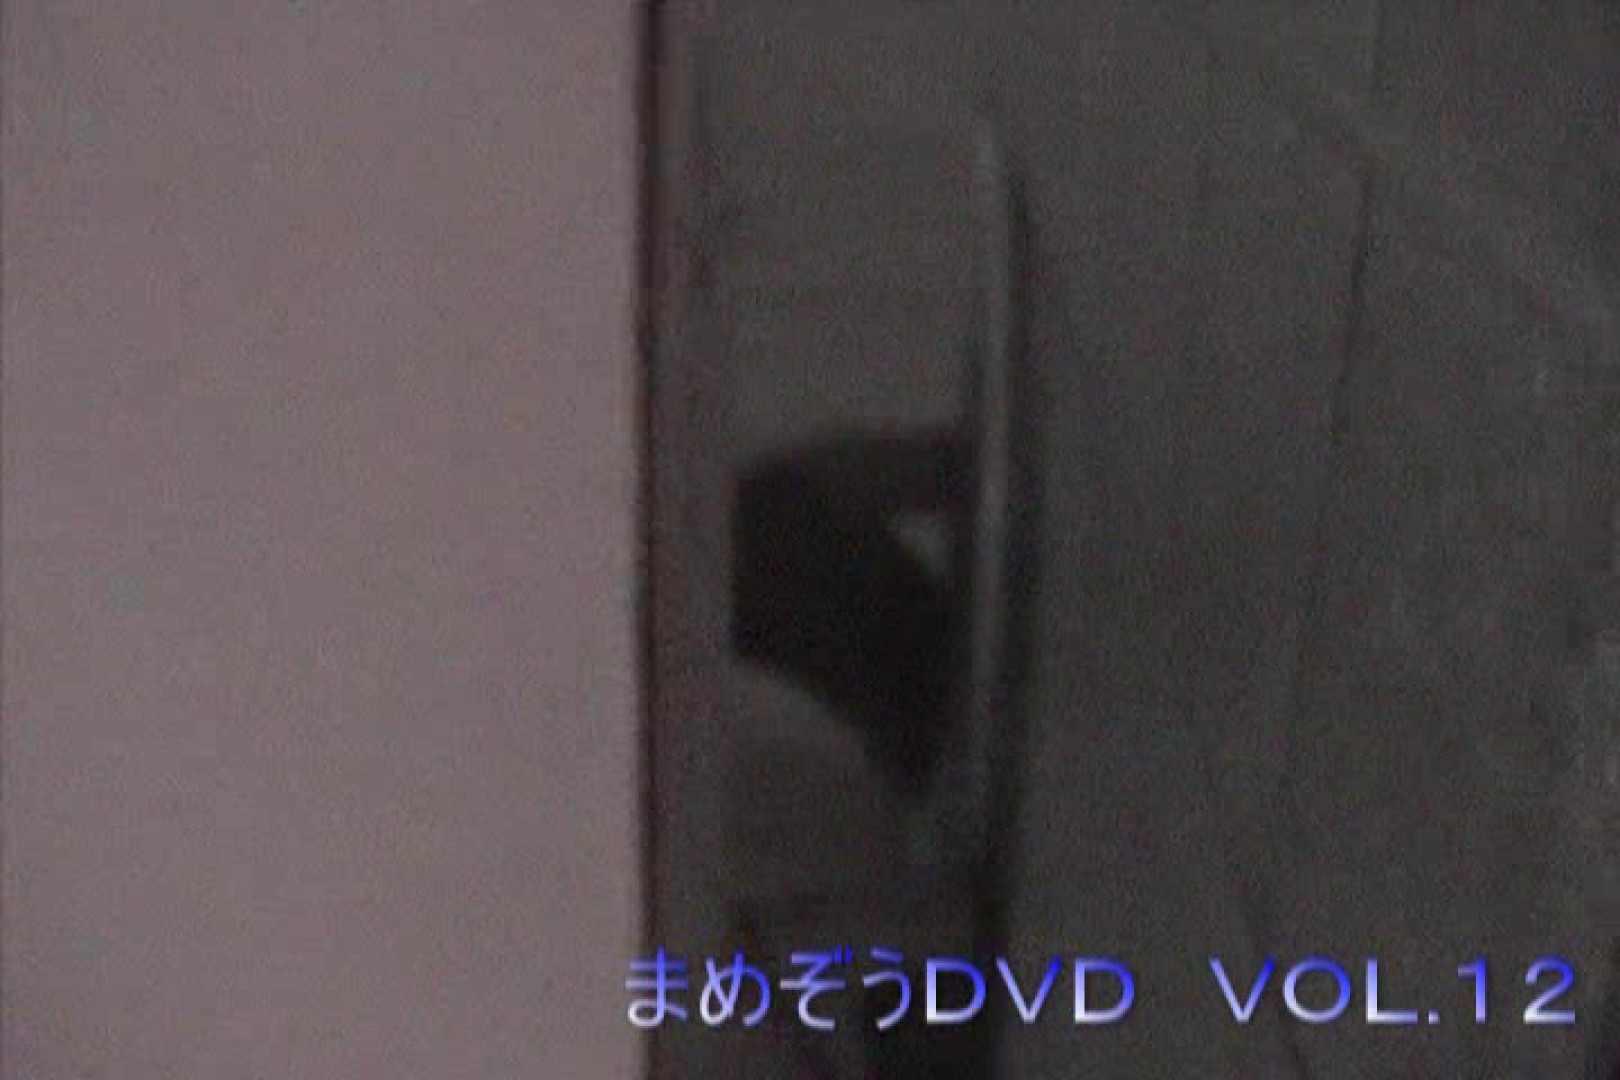 まめぞうDVD完全版VOL.12 OL   ギャル・コレクション  63連発 42